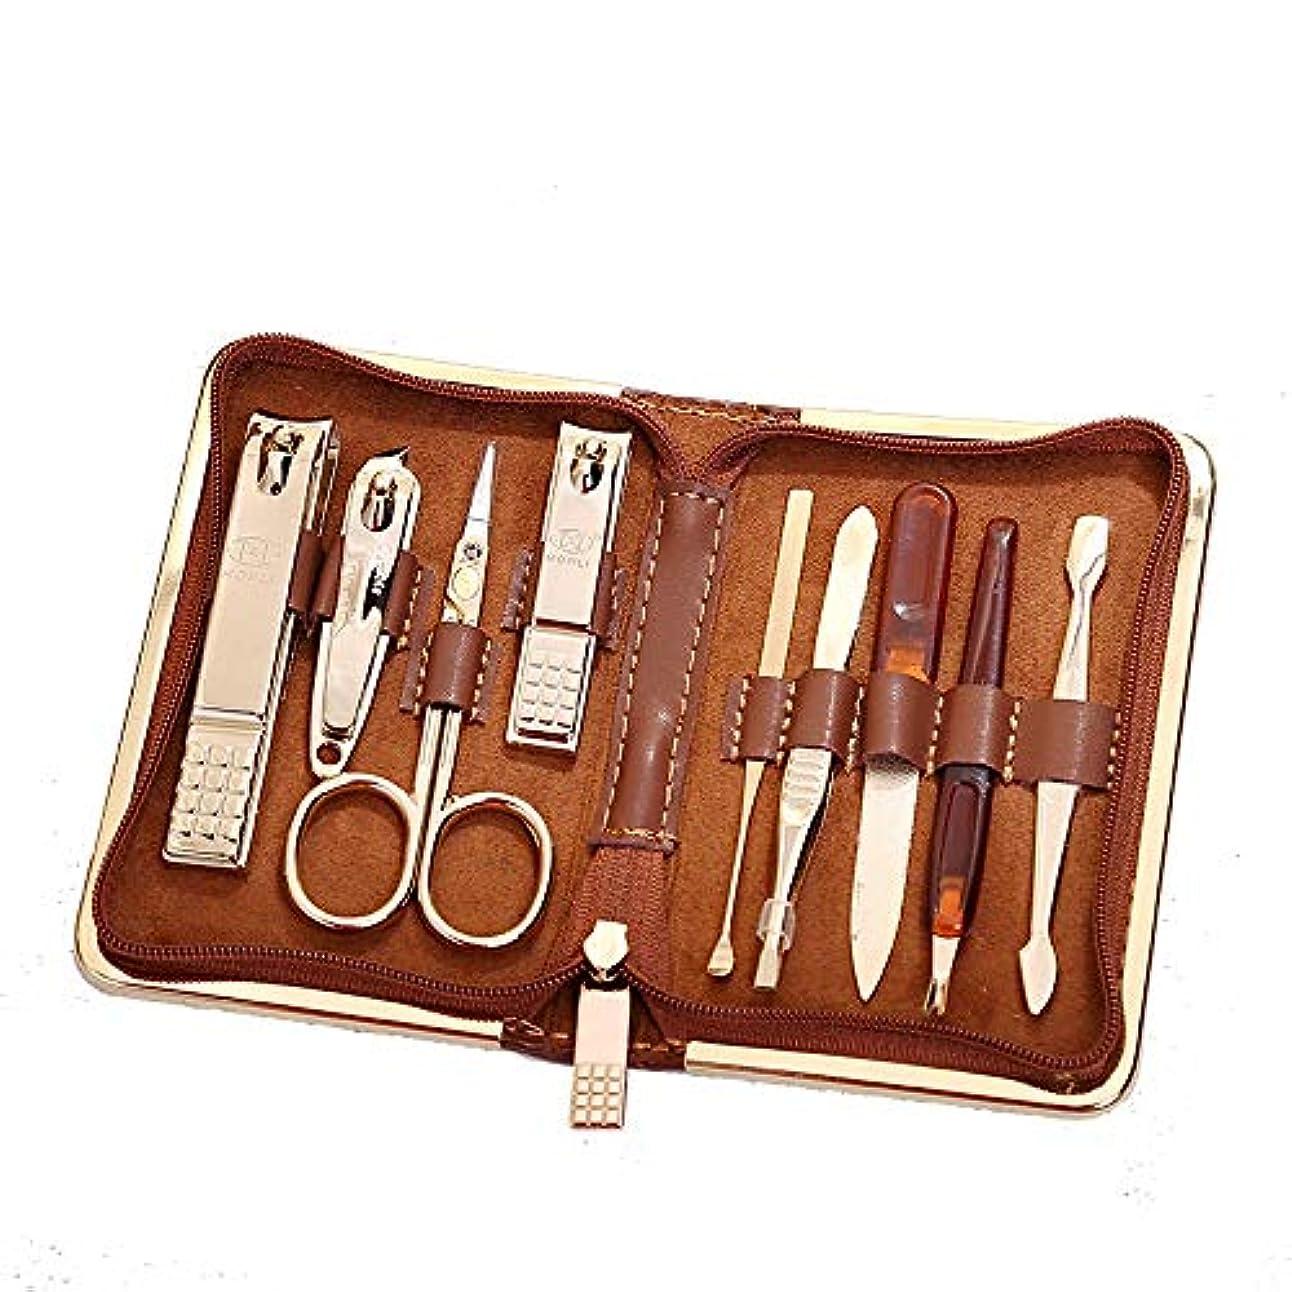 注意始まり永久にマニキュアセット 爪クリッパーネイルツールセット9個フルセットネイルはさみ美容セット美容メイク爪クリッパー トラベル&グルーミングキット